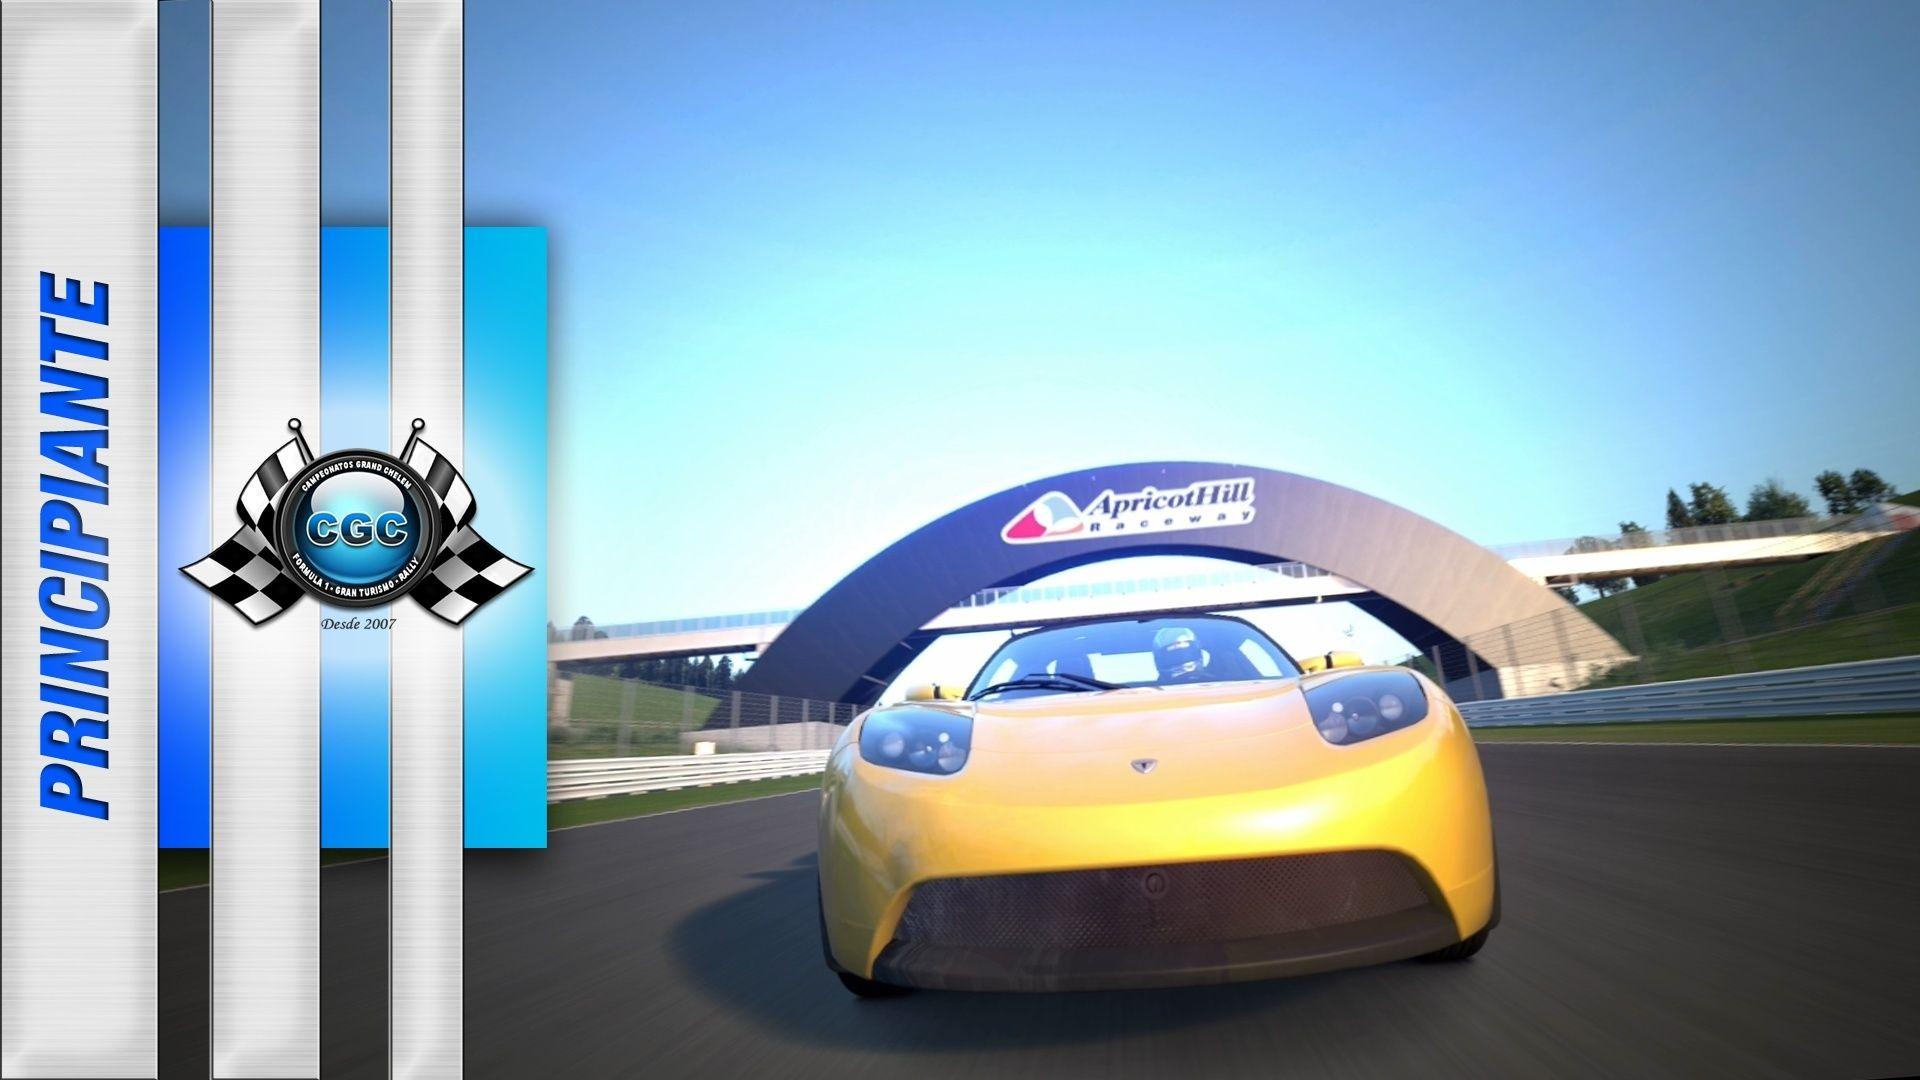 ▄▀▄▀▄▀ Hilo General GT1 [Temporada de Verano 2016] ▀▄▀▄▀▄ Tesla10